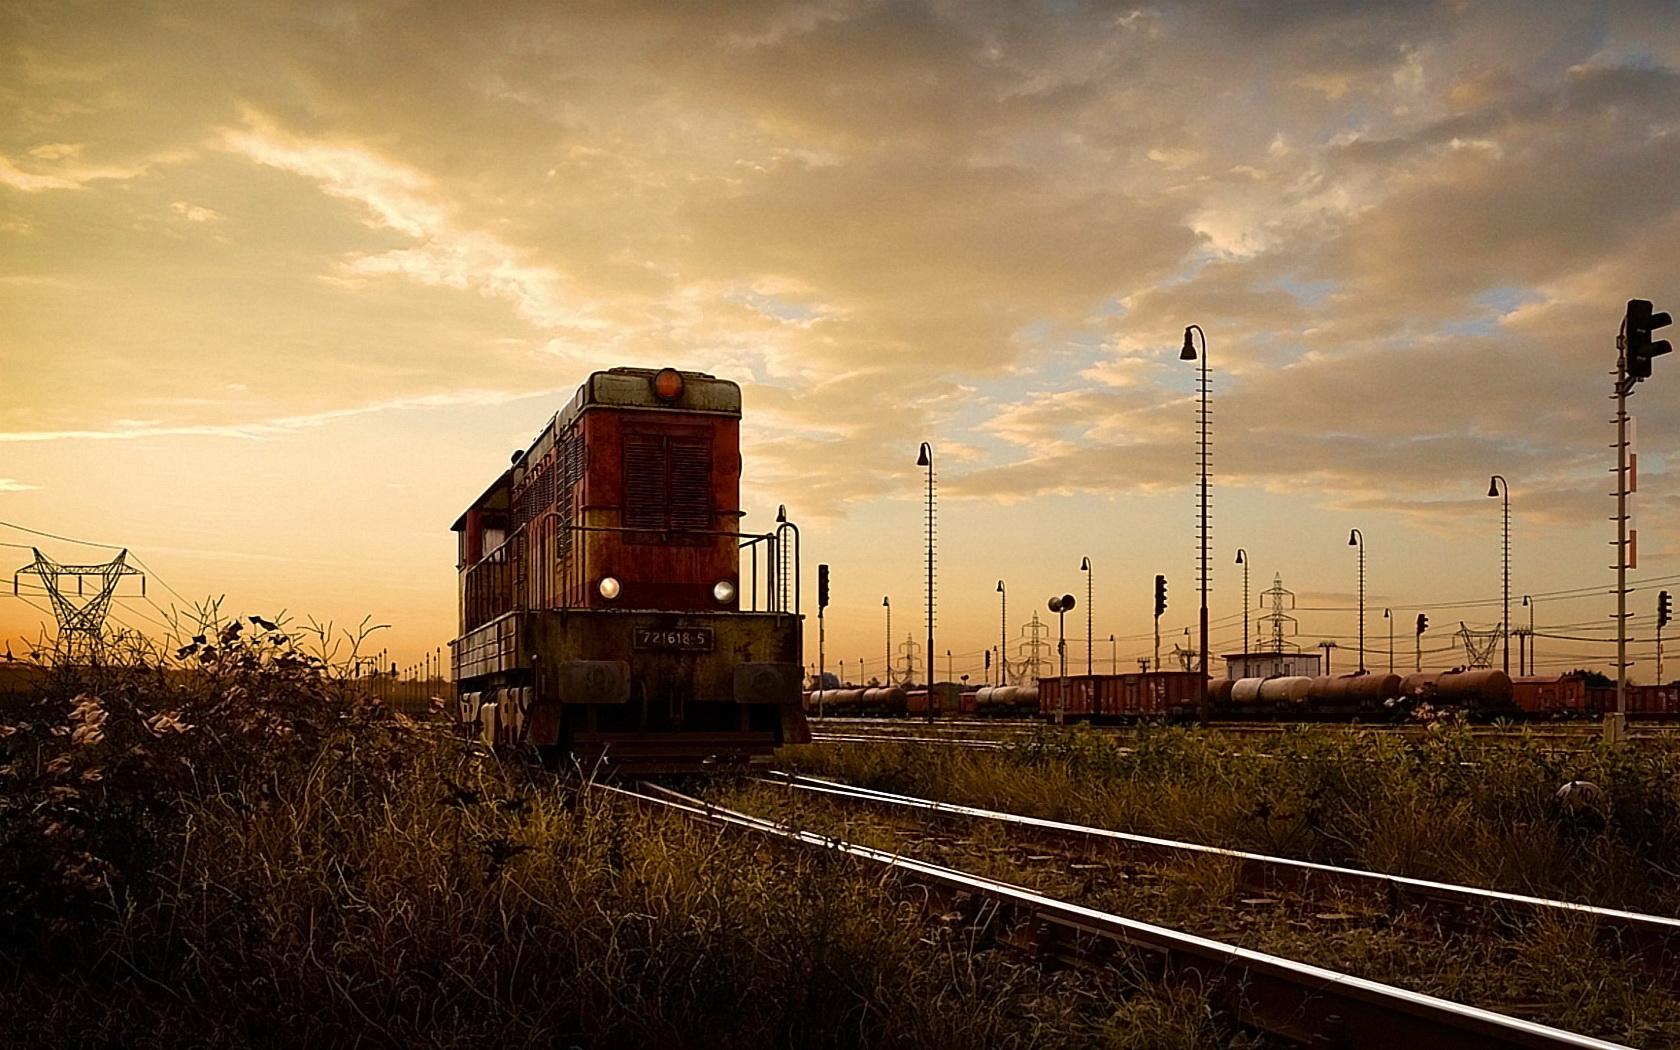 прическа обои поезда вертикальные каждый год радует